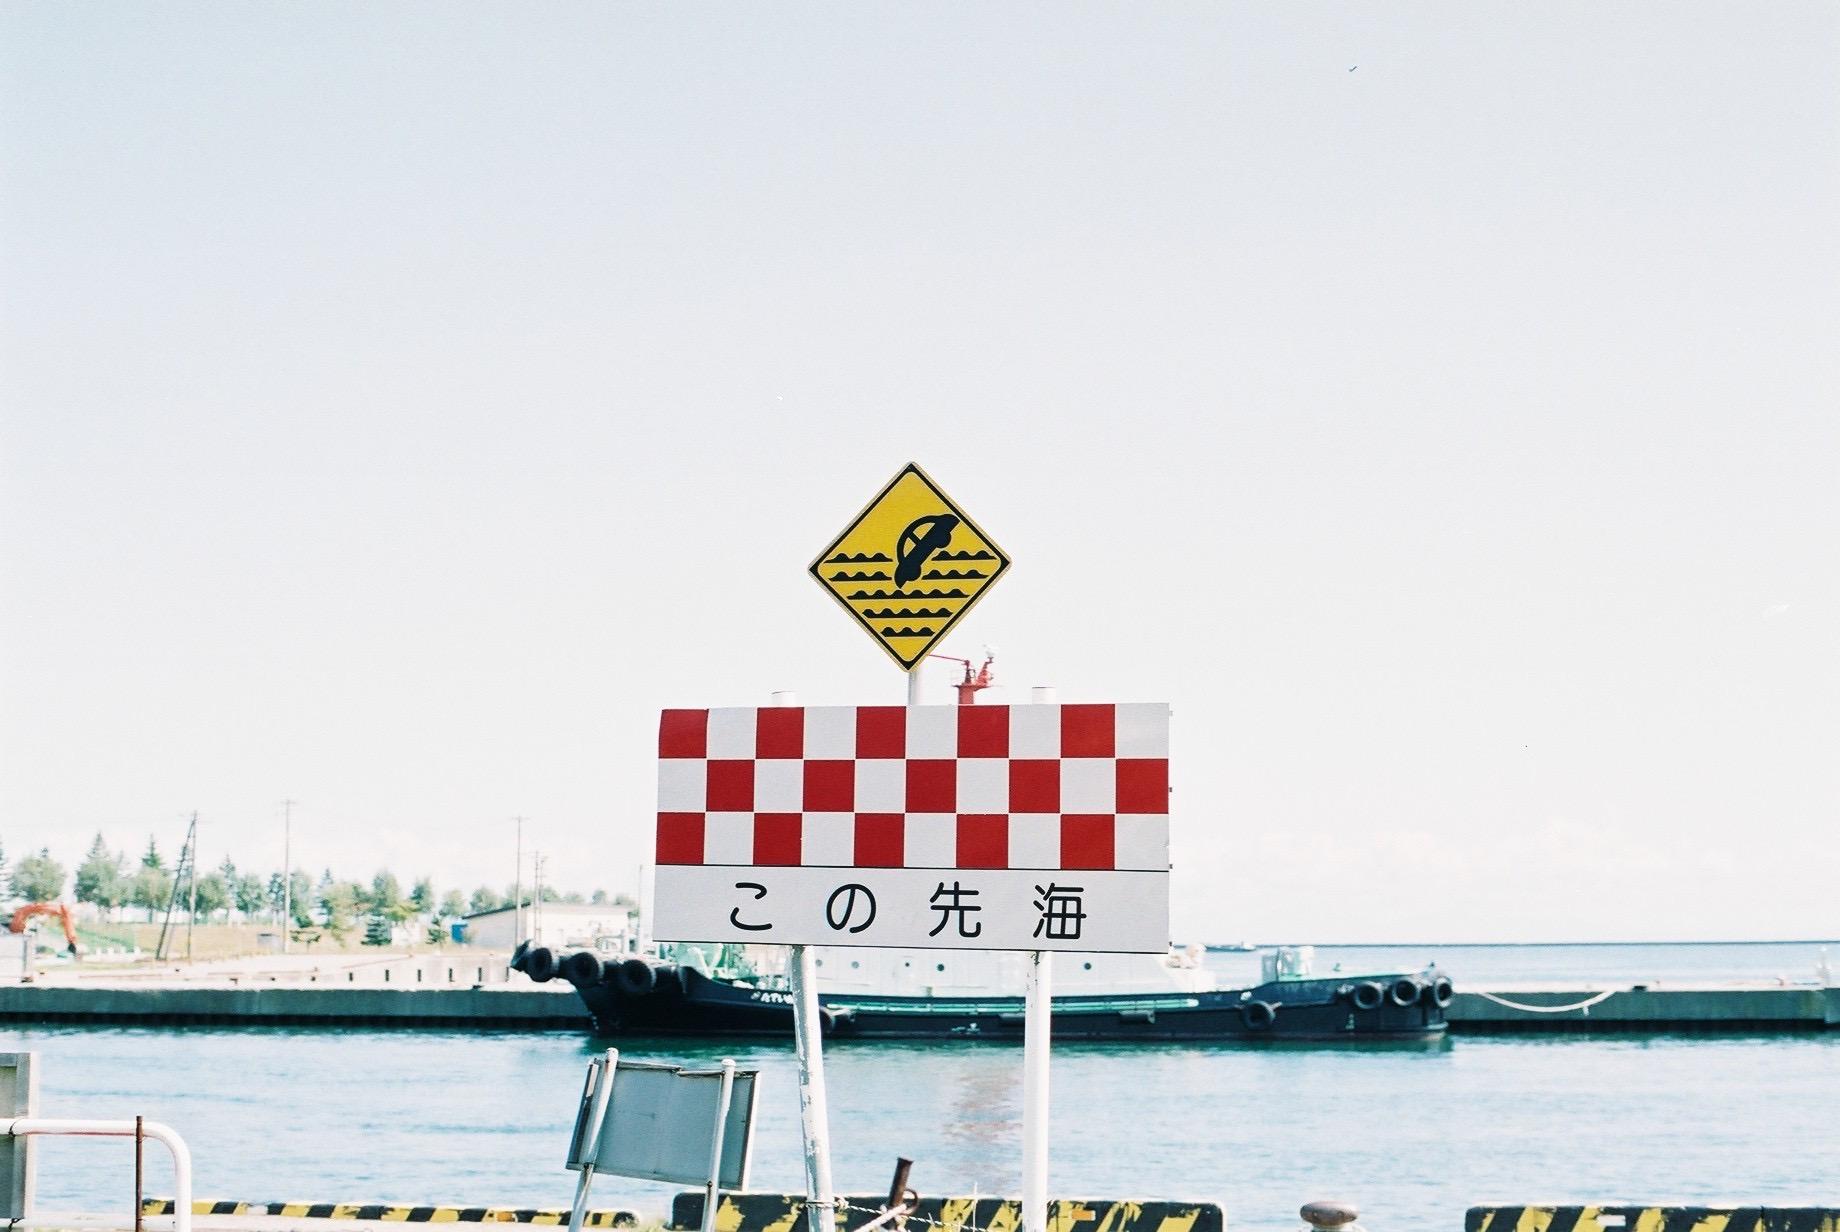 『FUJIFILM 業務用100』晴れの日とともに。【作例あり】